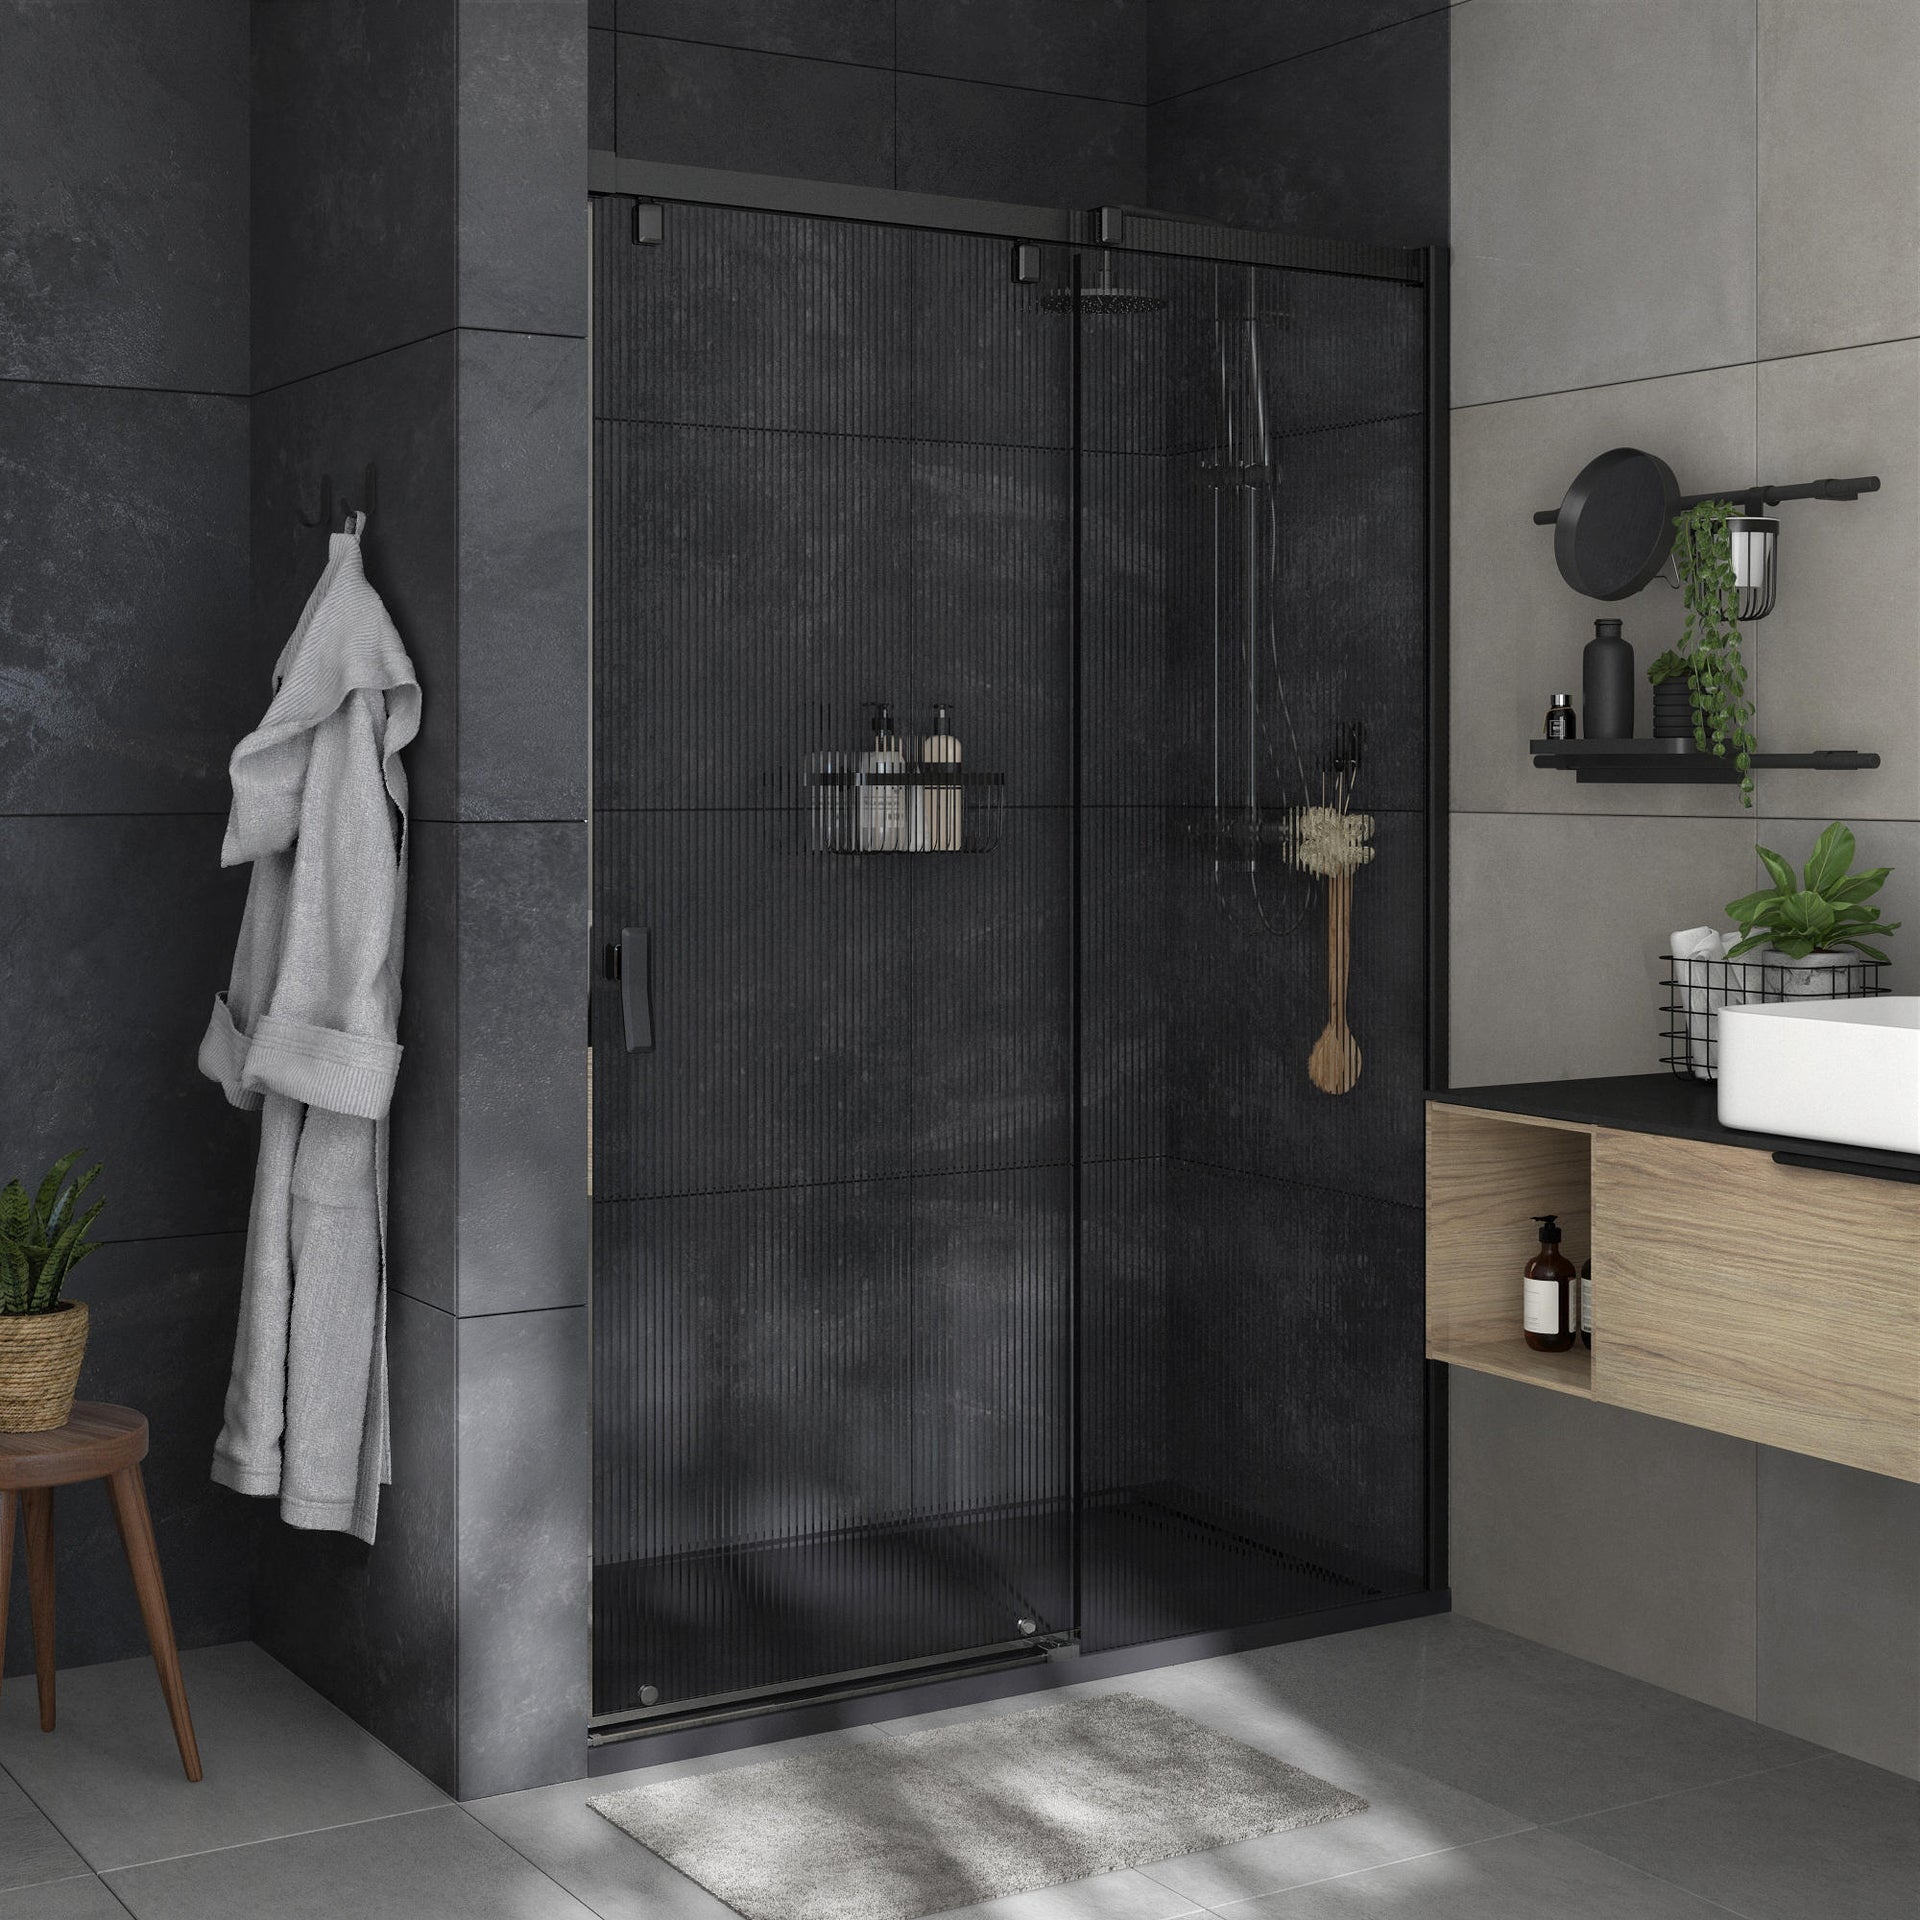 Box doccia angolare porta scorrevole e lato fisso rettangolare Neo 140 x 80 cm, H 200 cm in vetro temprato, spessore 8 mm strutturato nero - 1